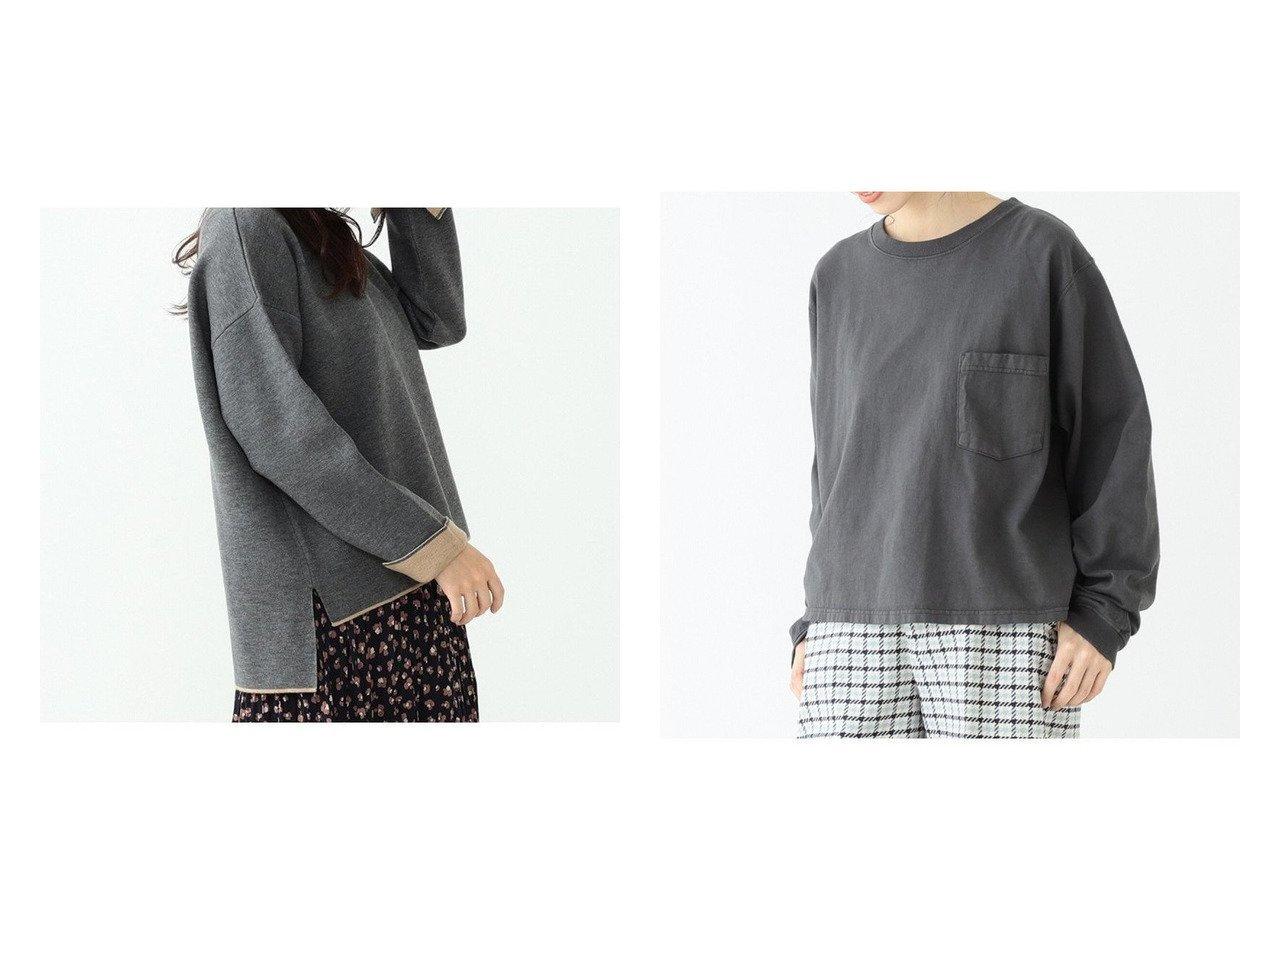 【BEAMS BOY/ビームス ボーイ】のカスタム ビッグ ロングスリーブ Tシャツ&【BEAMS HEART/ビームス ハート】の配色 リバーニット プルオーバー BEAMSのおすすめ!人気、トレンド・レディースファッションの通販 おすすめで人気の流行・トレンド、ファッションの通販商品 メンズファッション・キッズファッション・インテリア・家具・レディースファッション・服の通販 founy(ファニー) https://founy.com/ ファッション Fashion レディースファッション WOMEN トップス Tops Tshirt ニット Knit Tops プルオーバー Pullover シャツ/ブラウス Shirts Blouses ロング / Tシャツ T-Shirts カットソー Cut and Sewn ボックス 長袖 カットソー ショート スリーブ ビッグ ポケット リラックス ロング ワイド 定番 Standard |ID:crp329100000017077